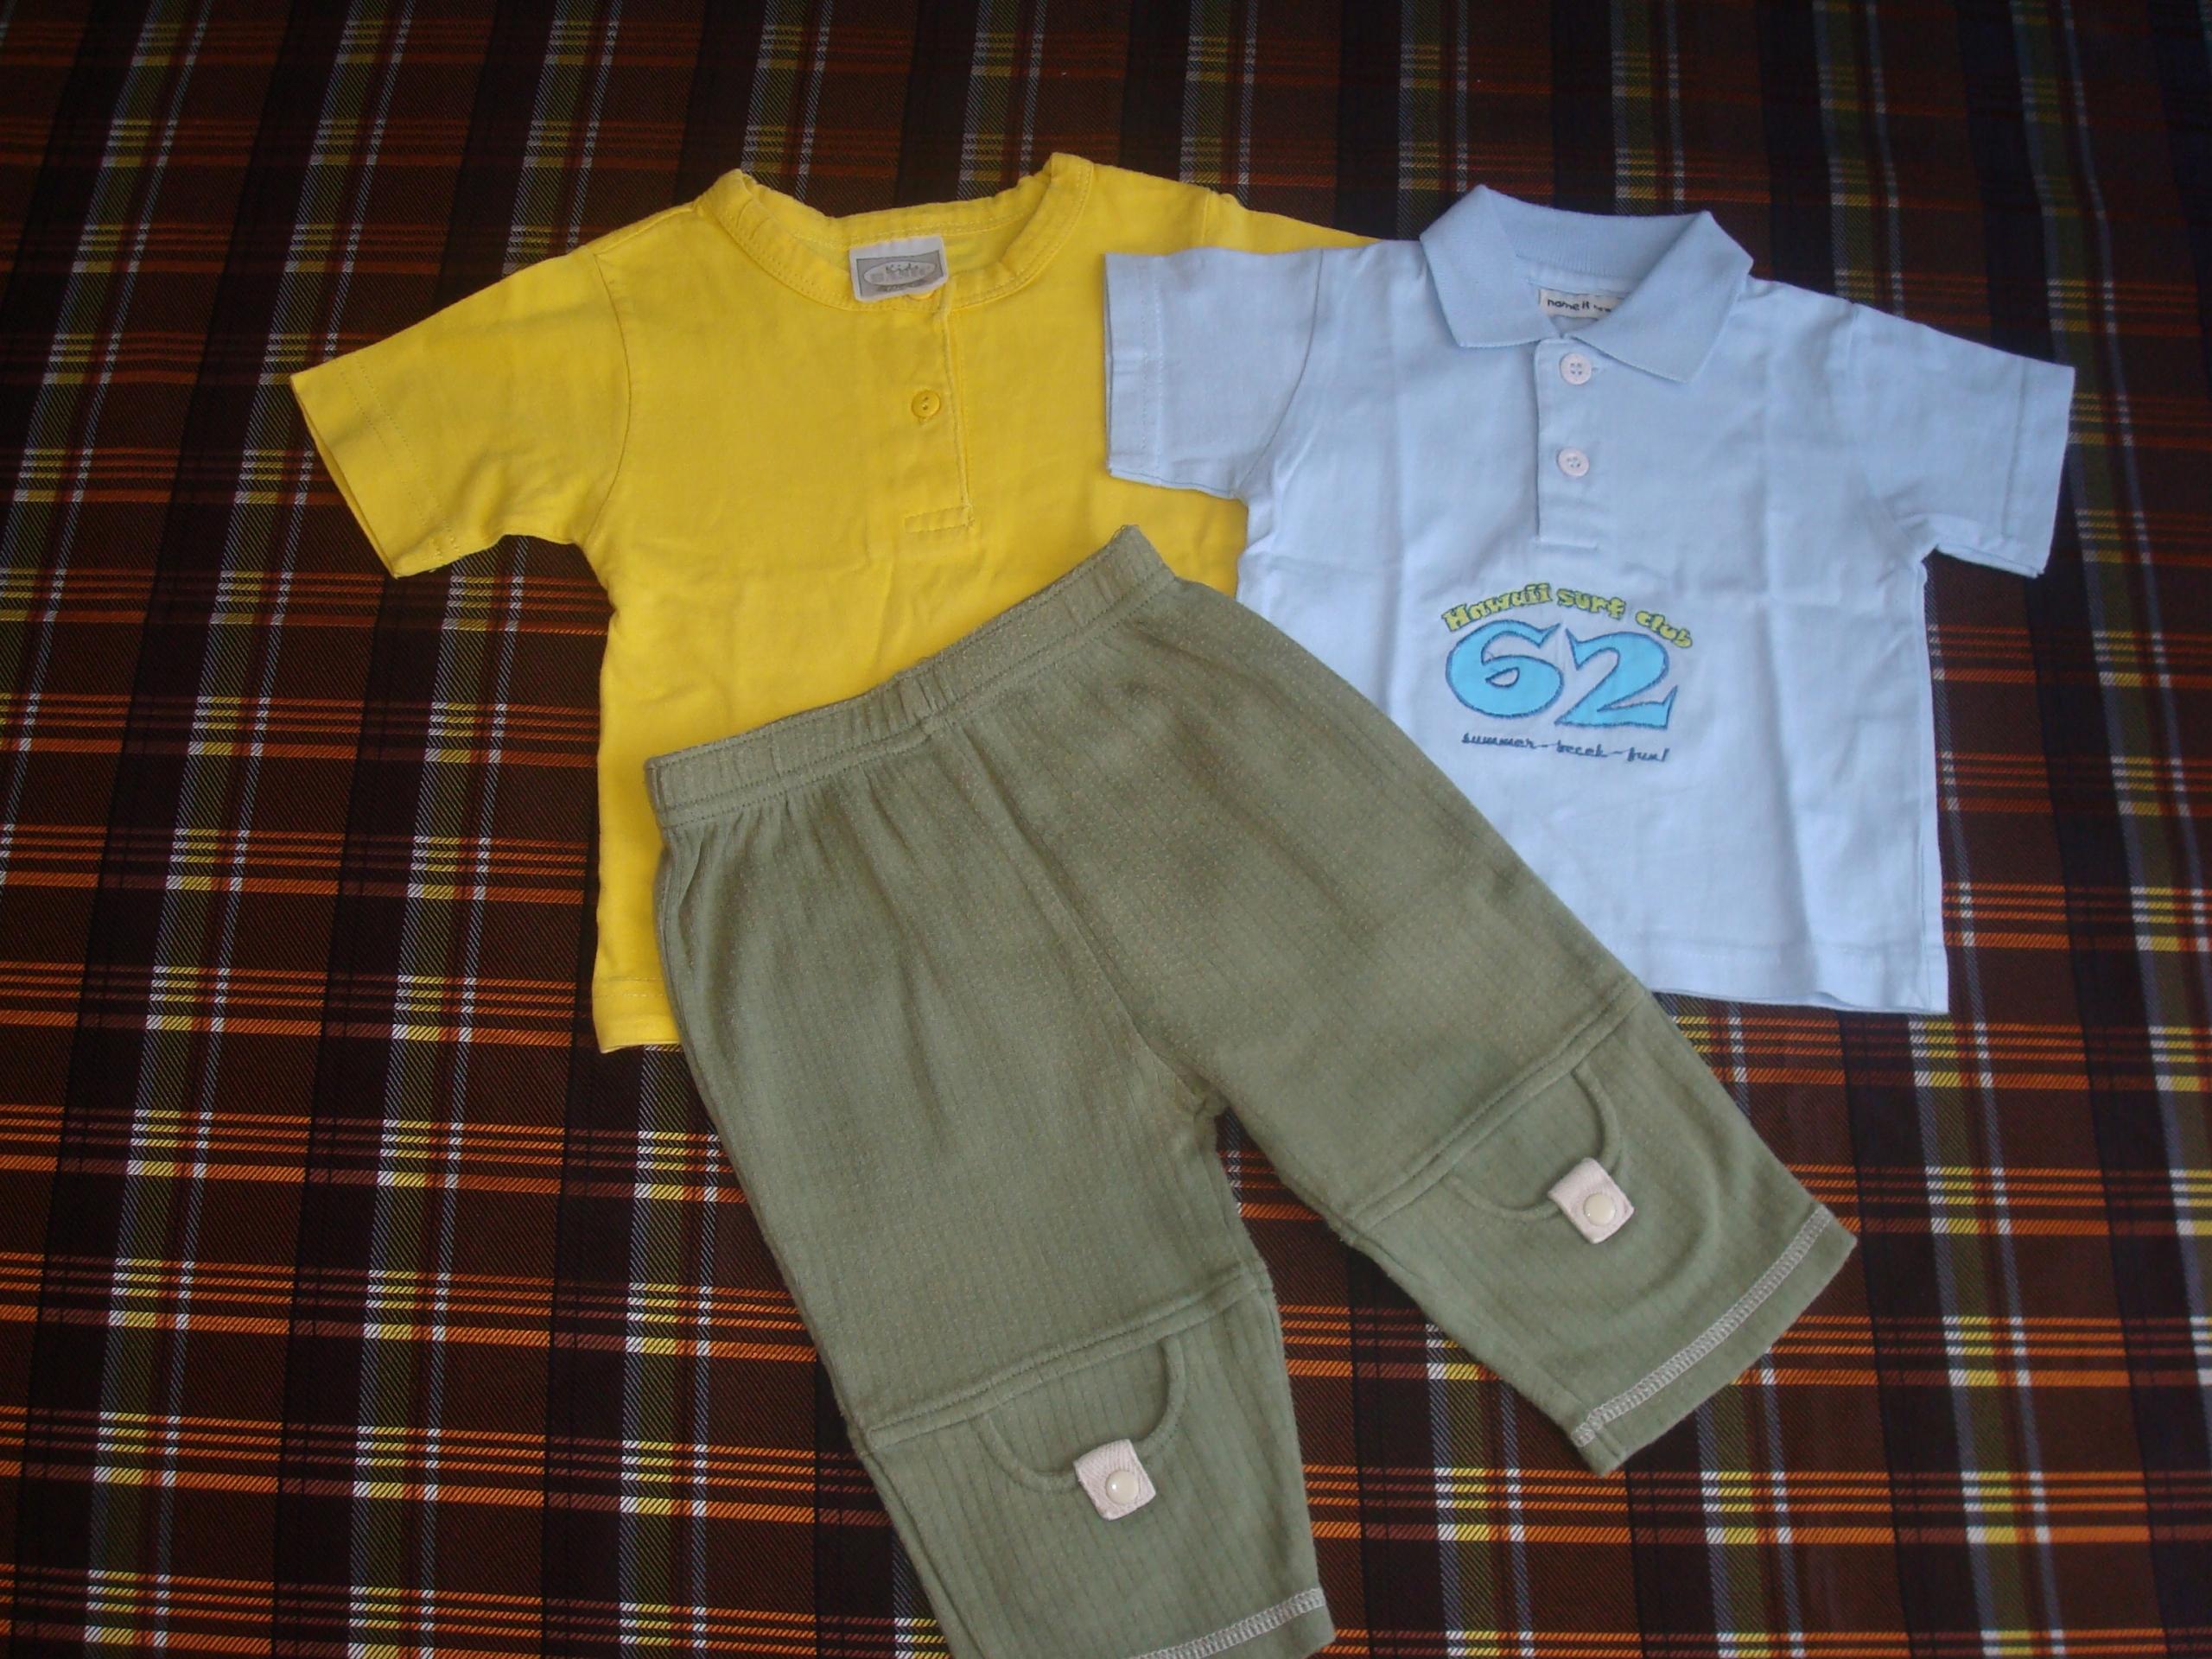 ZESTAW chłop. roz.- 62 - 74 -Spodnie + 2 x Polo JN